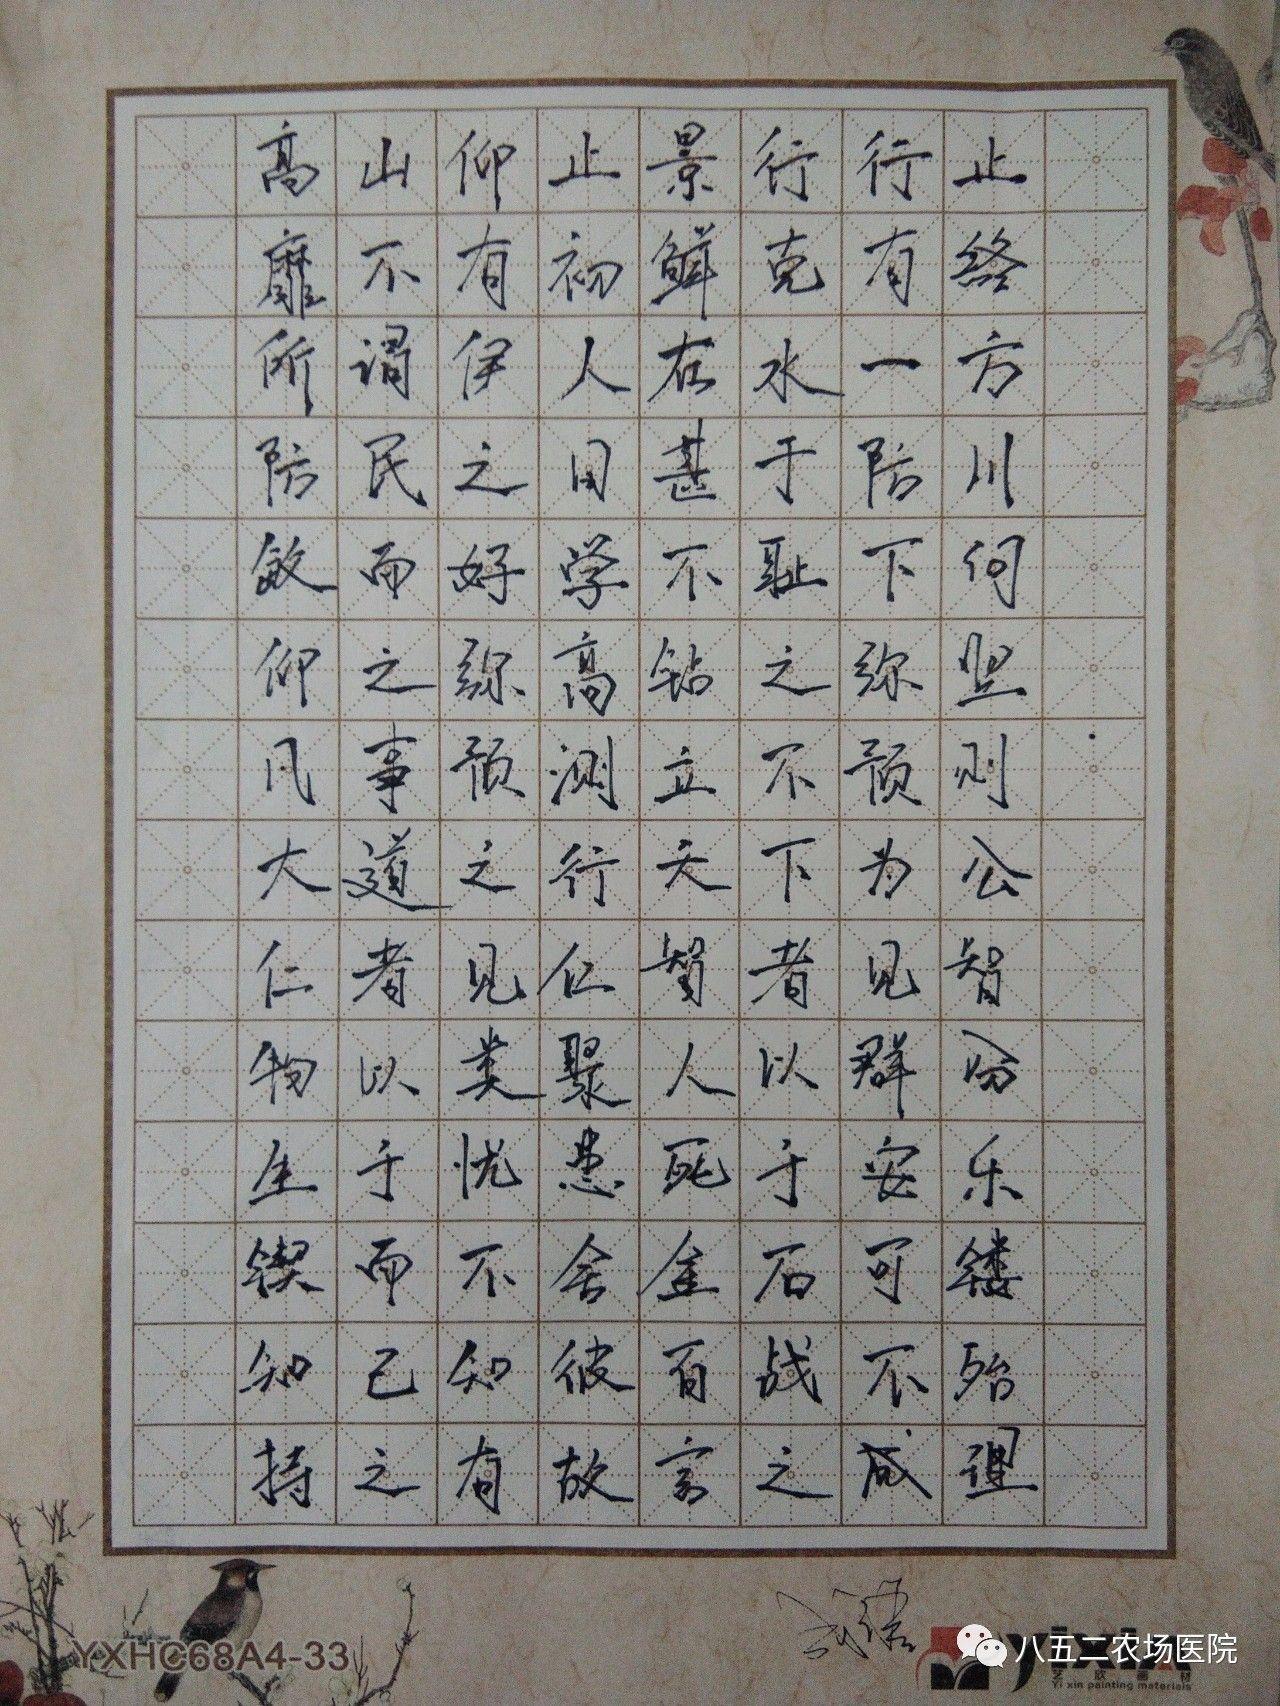 钢笔字                 以下为硬笔书法类优秀作品: 七律长征图片